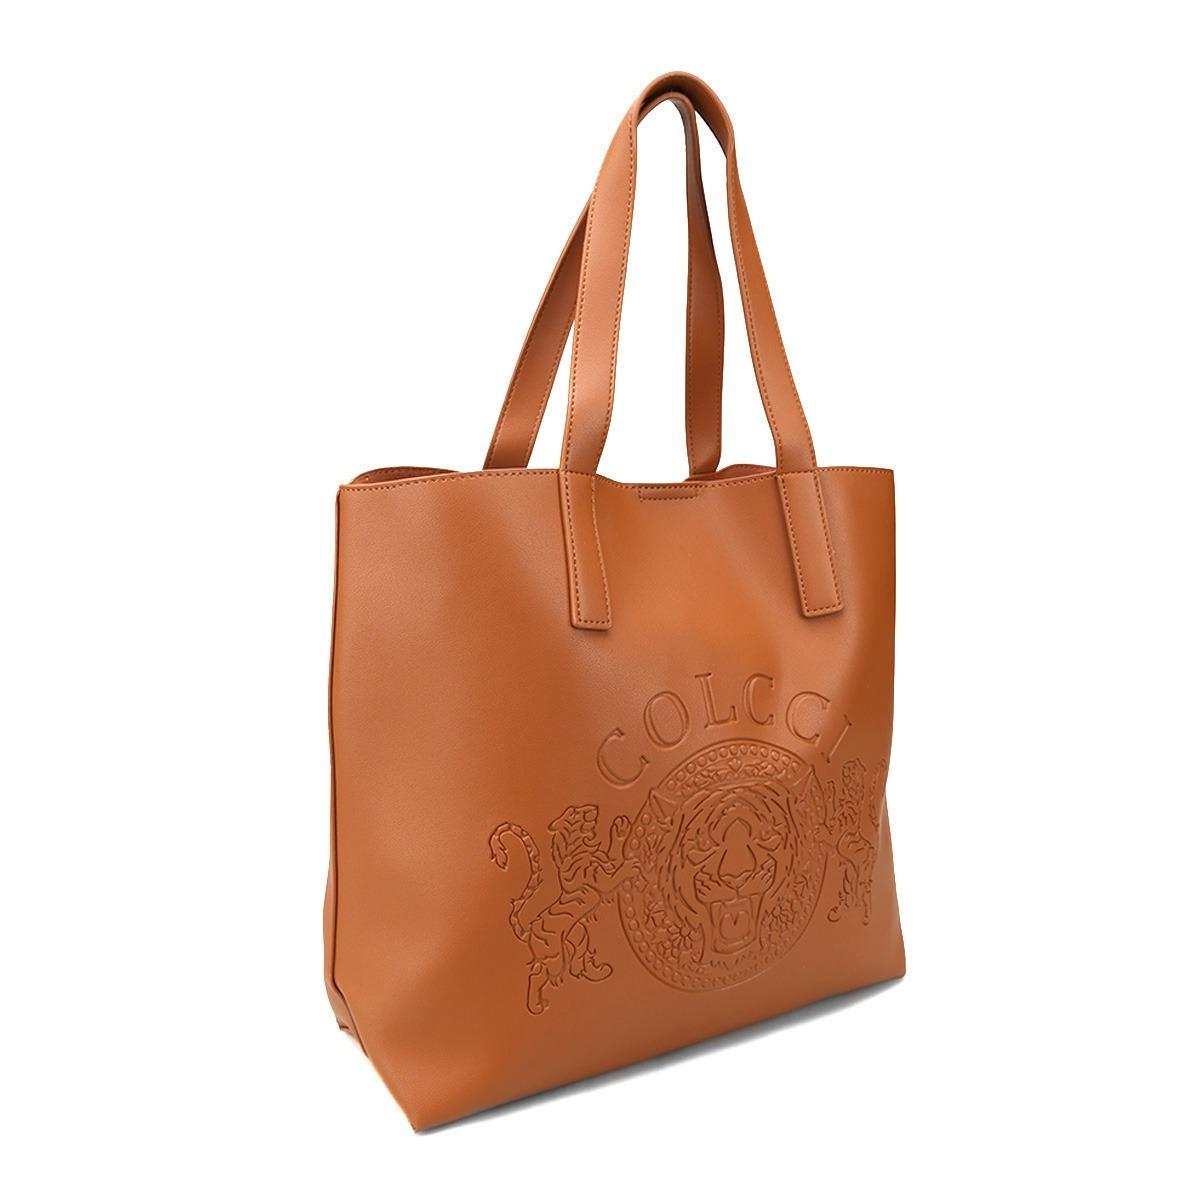 3e2232d18 Bolsa Colcci Shopper Brasão Feminina - Caramelo - R$ 489,90 em ...